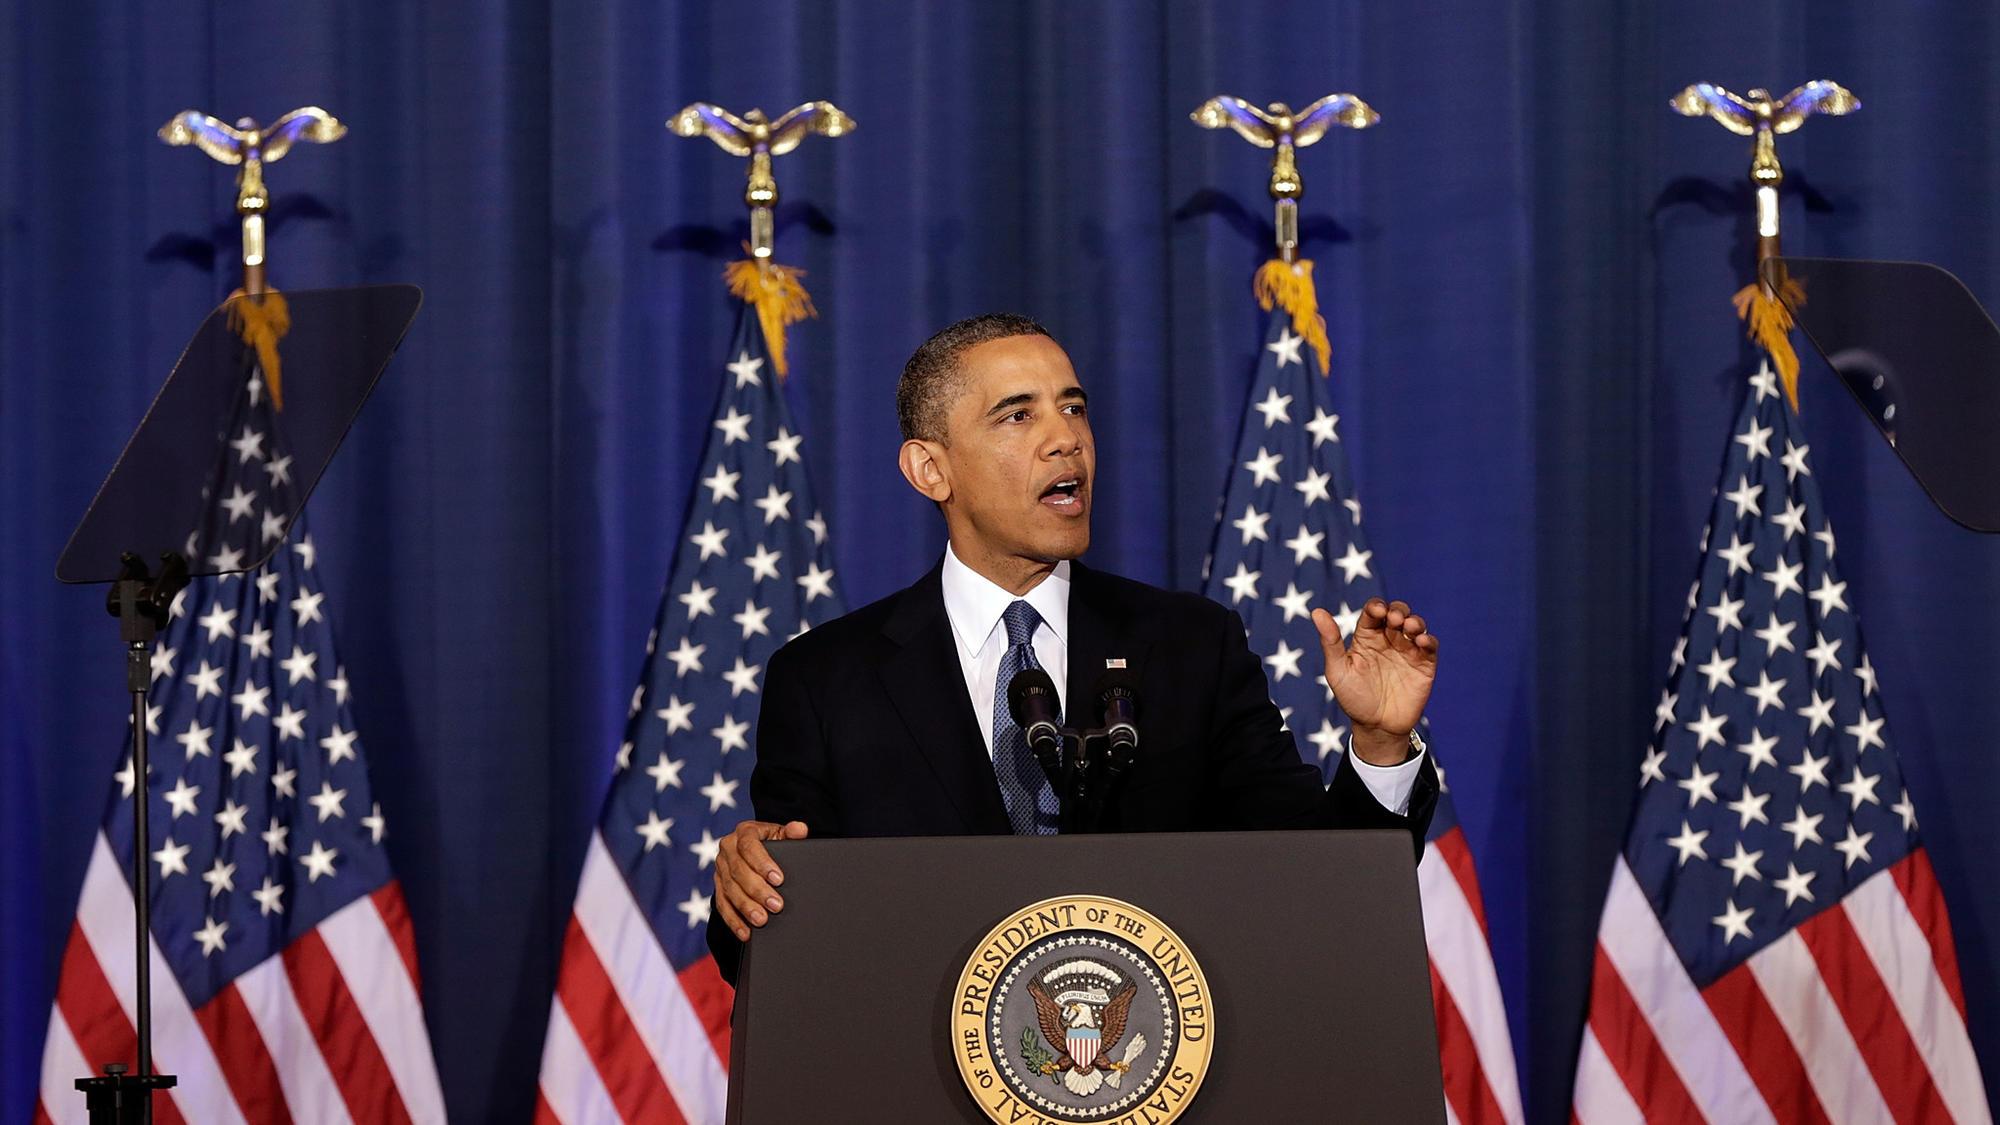 لسآنجلس تایمز: میراث اوباما مداخله نظامی در هفت کشور مختلف است